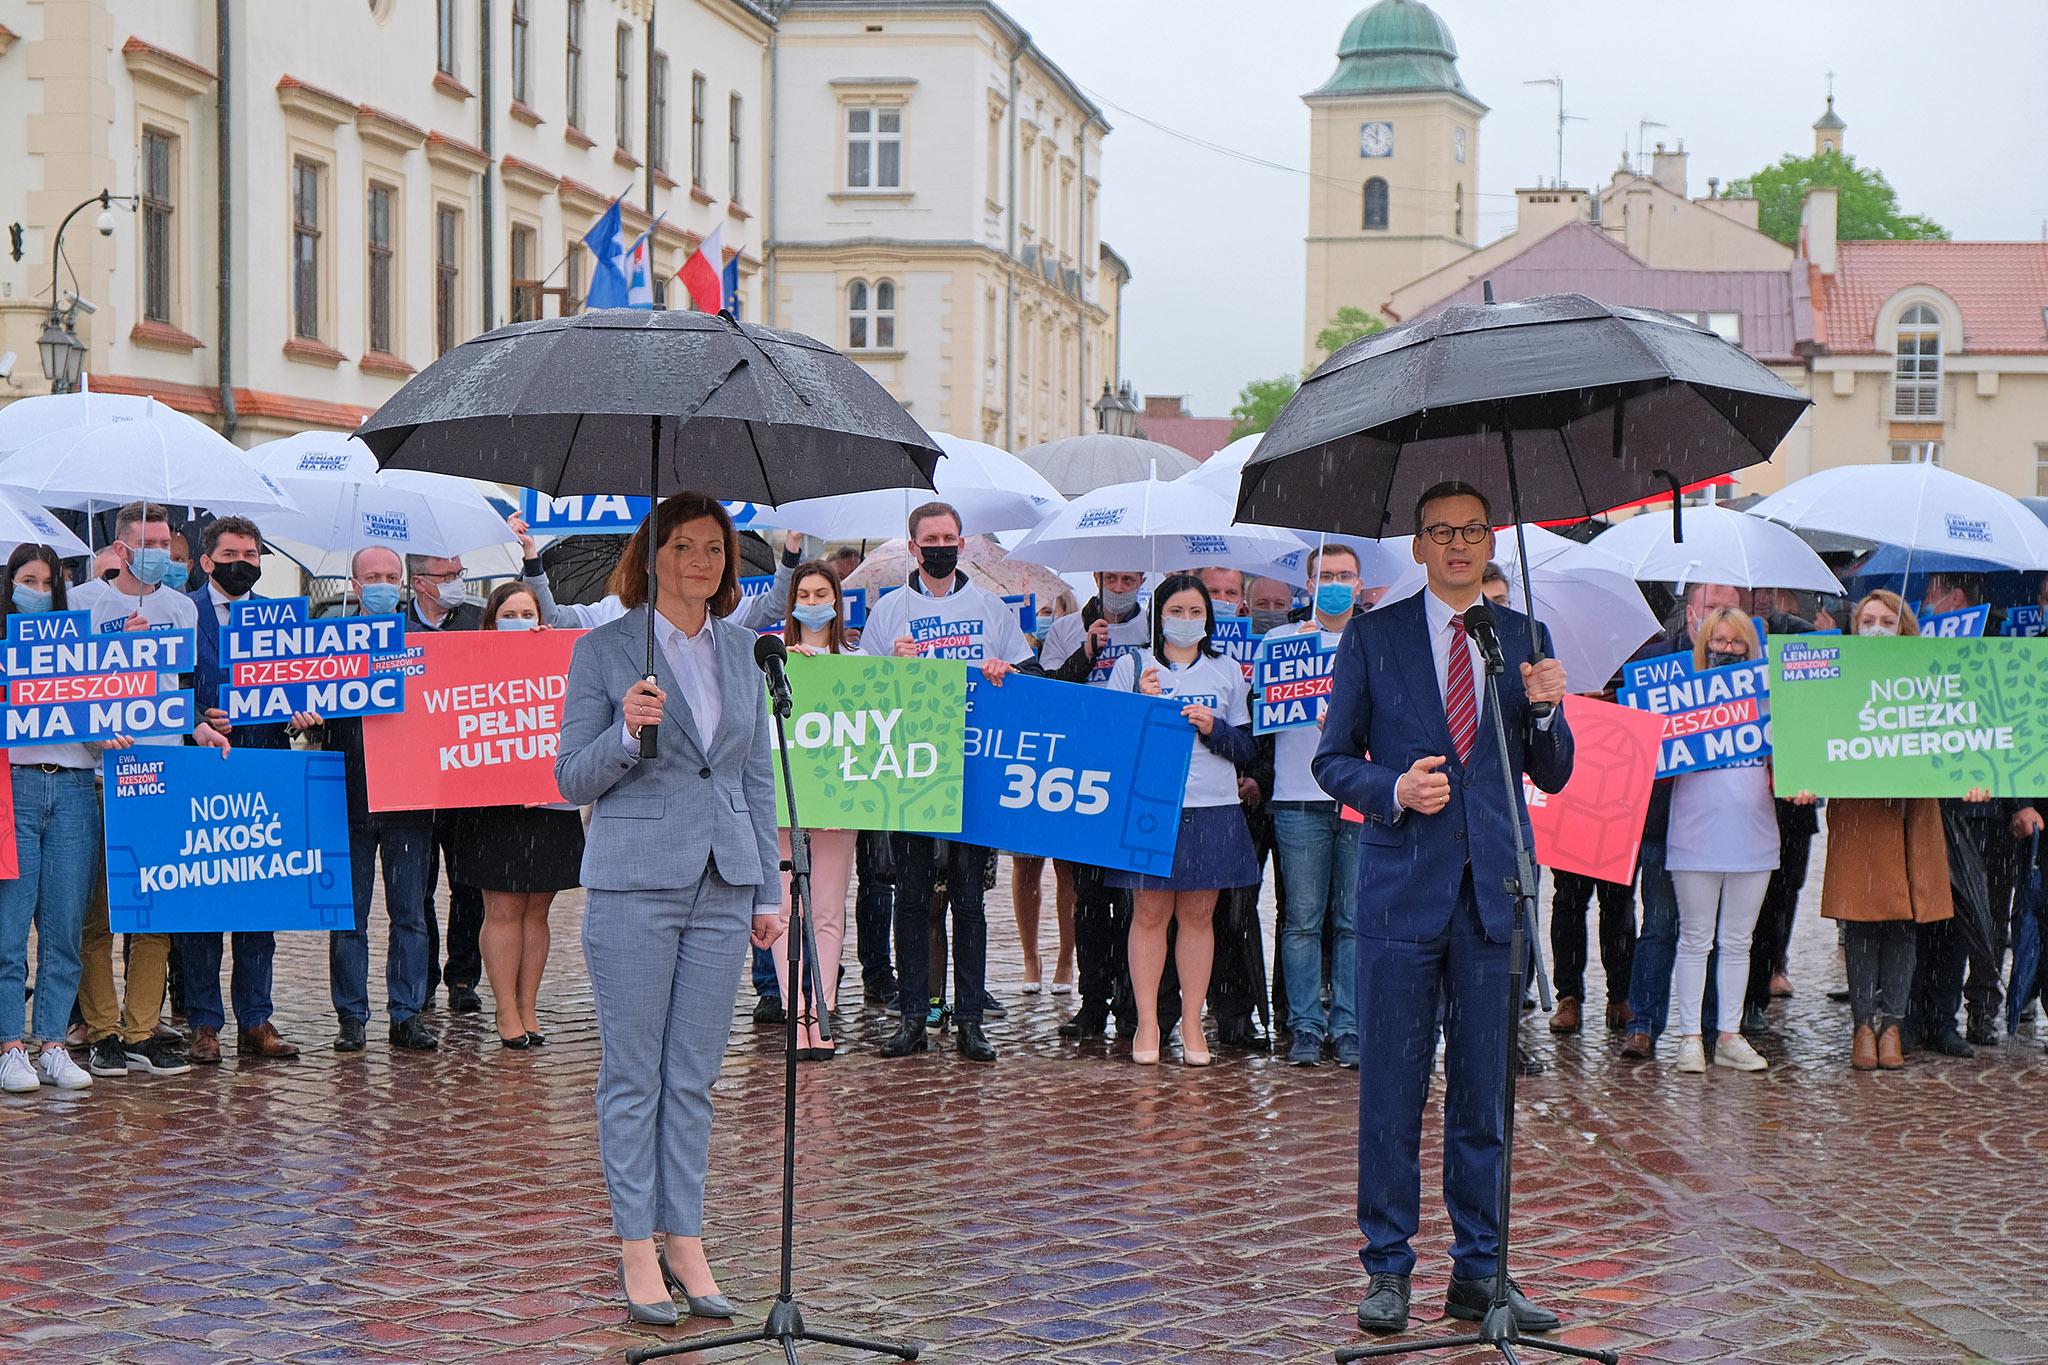 DSCF9217_RZESZOW_NEWS_SEBASTIAN_STANKIEWICZ